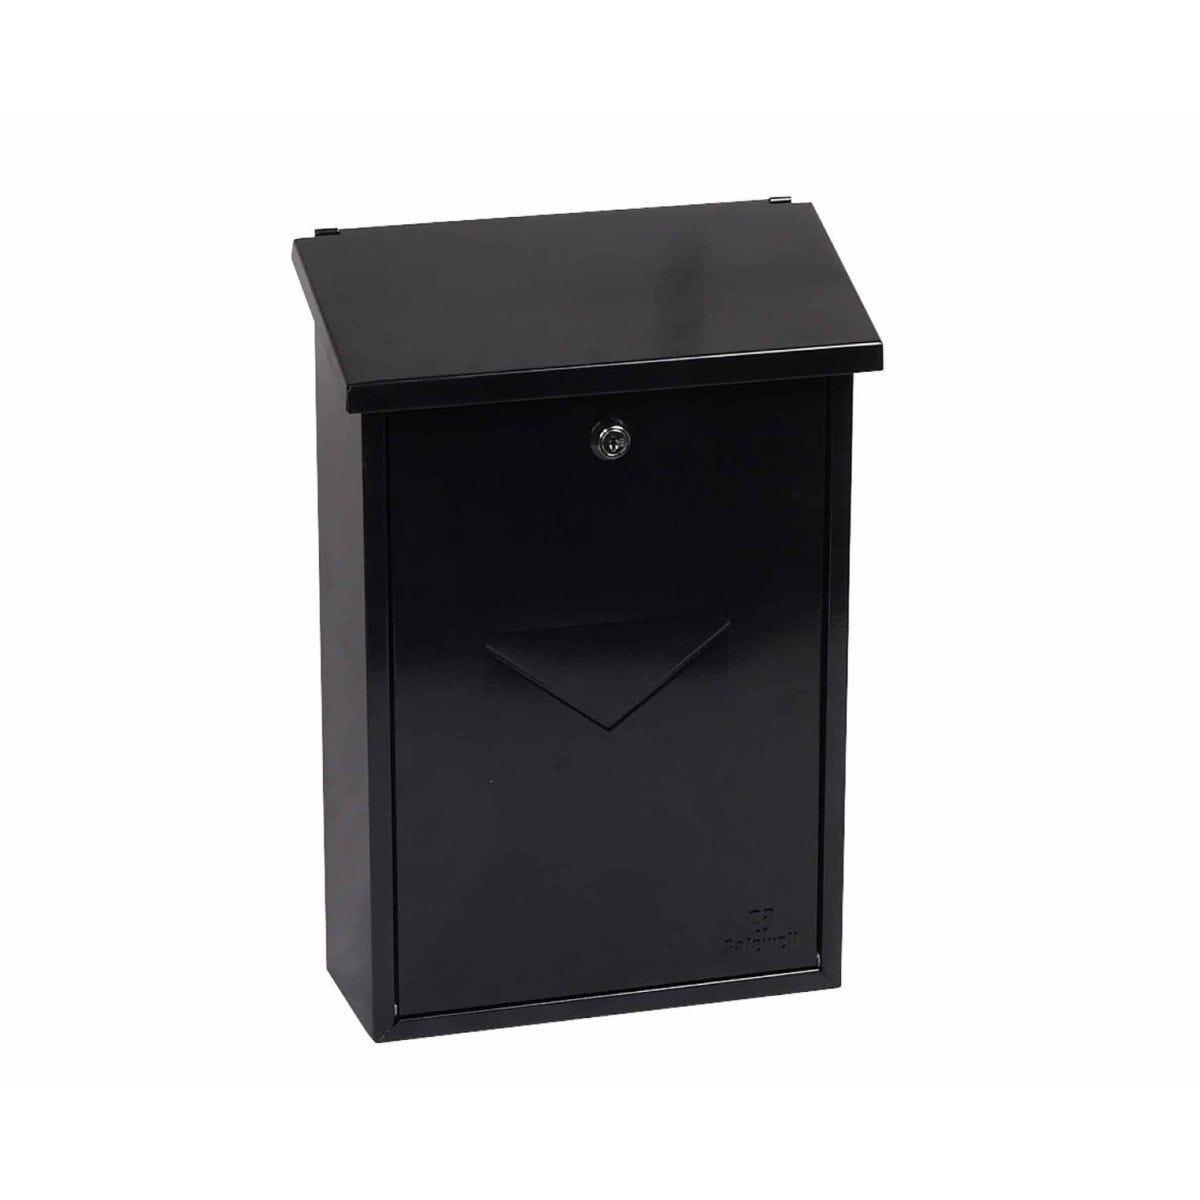 Phoenix Villa MB0114KB Top Loading Mailbox with Key Lock Black